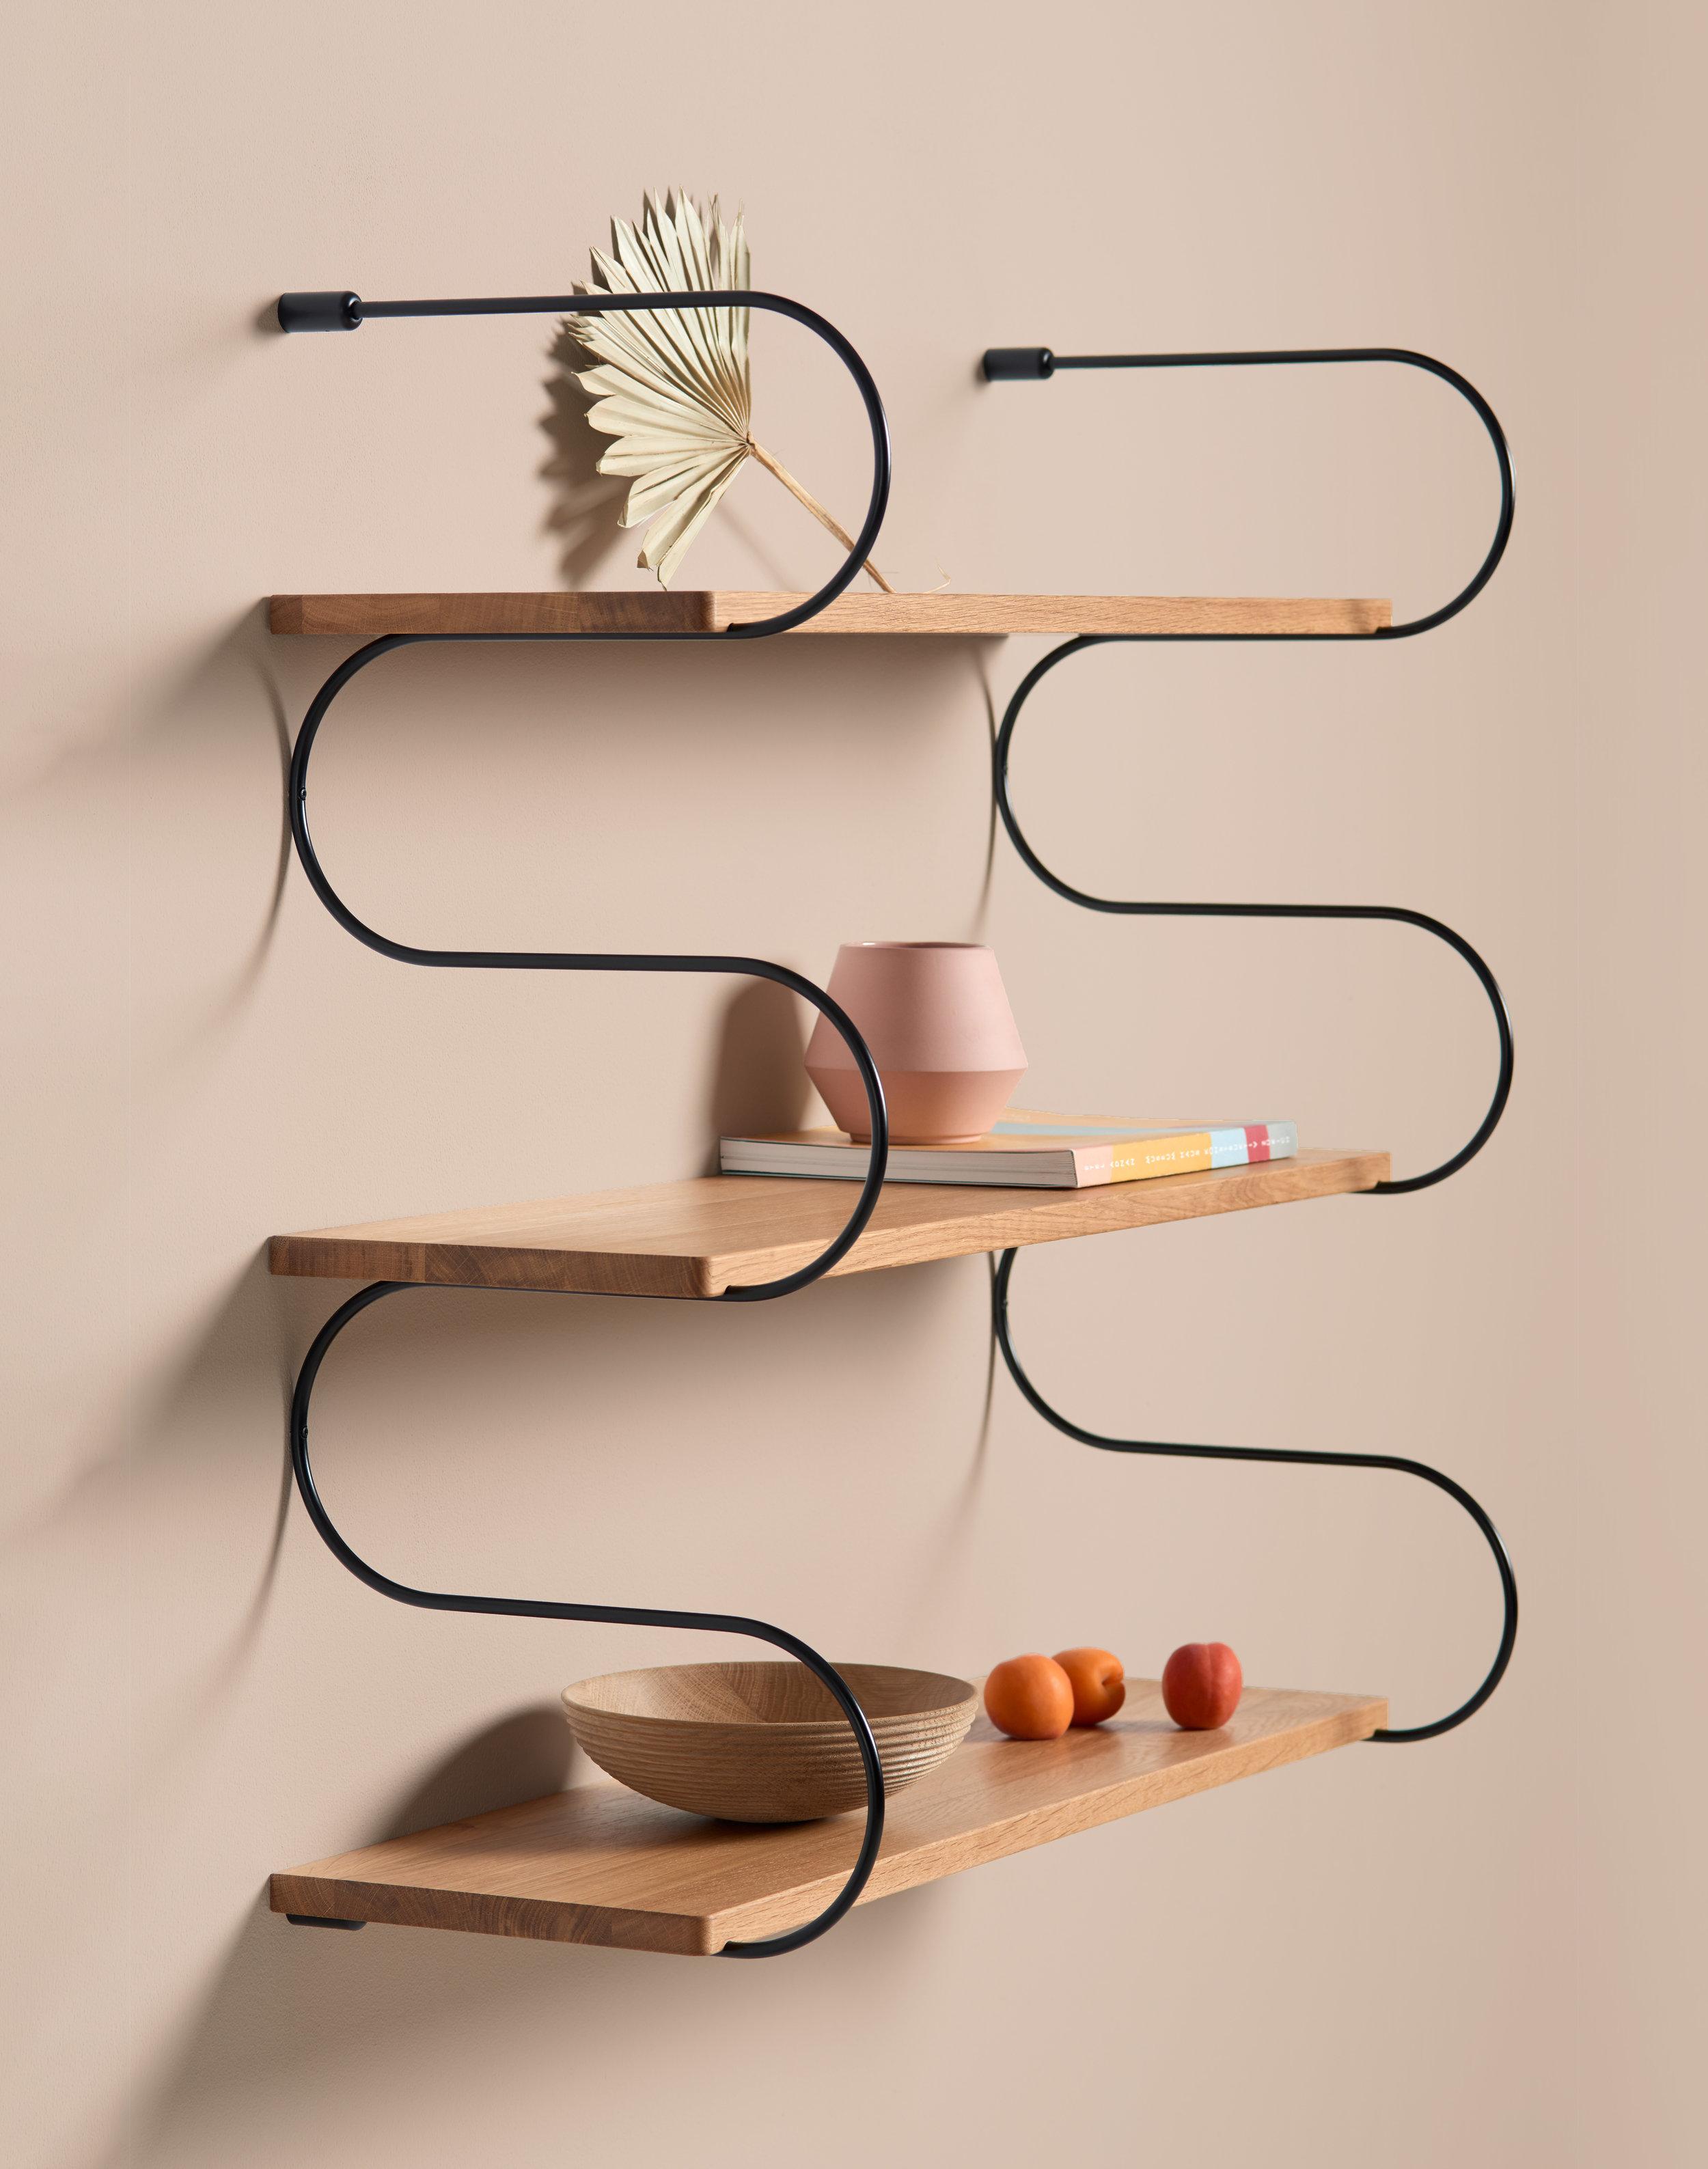 Onda shelf by Schneid Studio